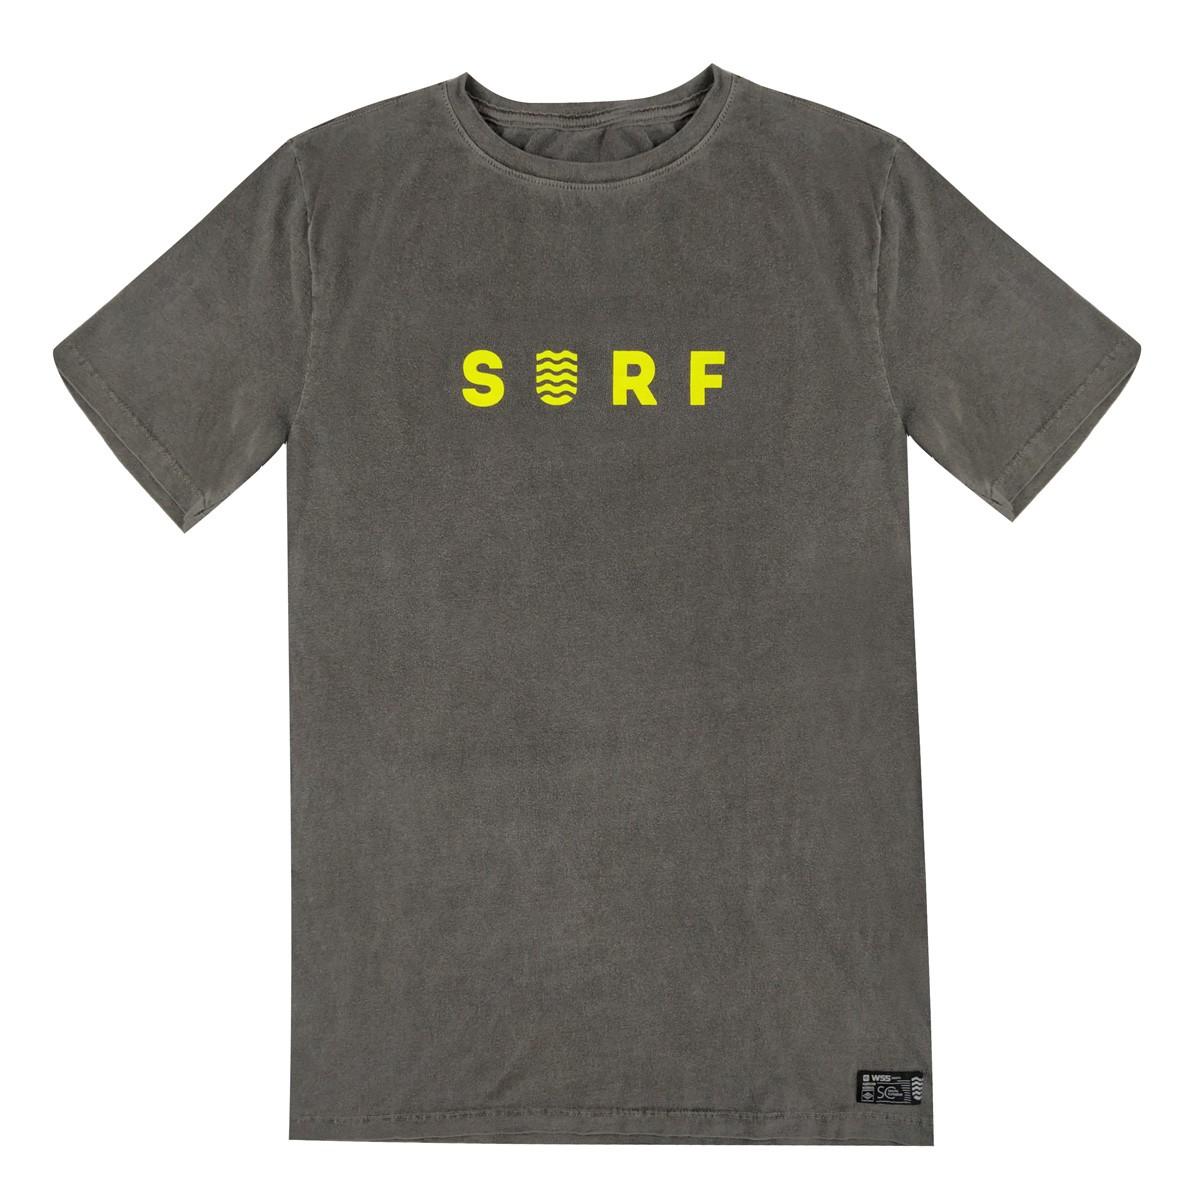 Camiseta Plus Size WSS Estonada Cinza Surf Neon Yellow Unissex